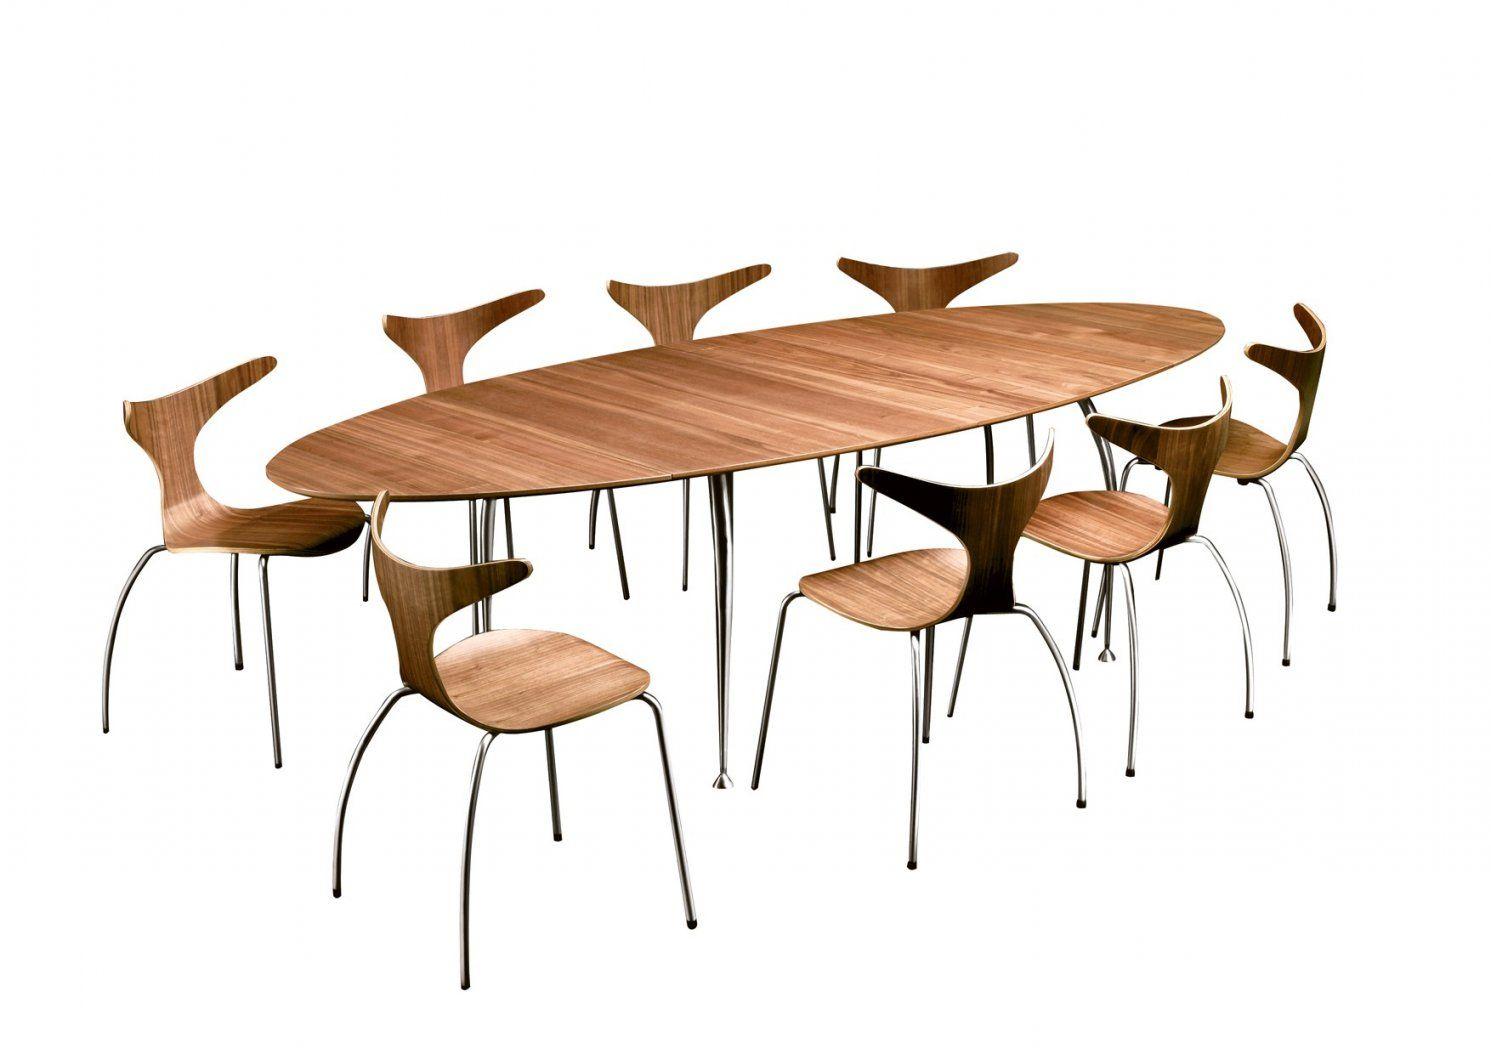 Esstisch Oval Ausziehbar Design Hires Wallpaper Fotografien von Esstisch Oval Holz Ausziehbar Photo